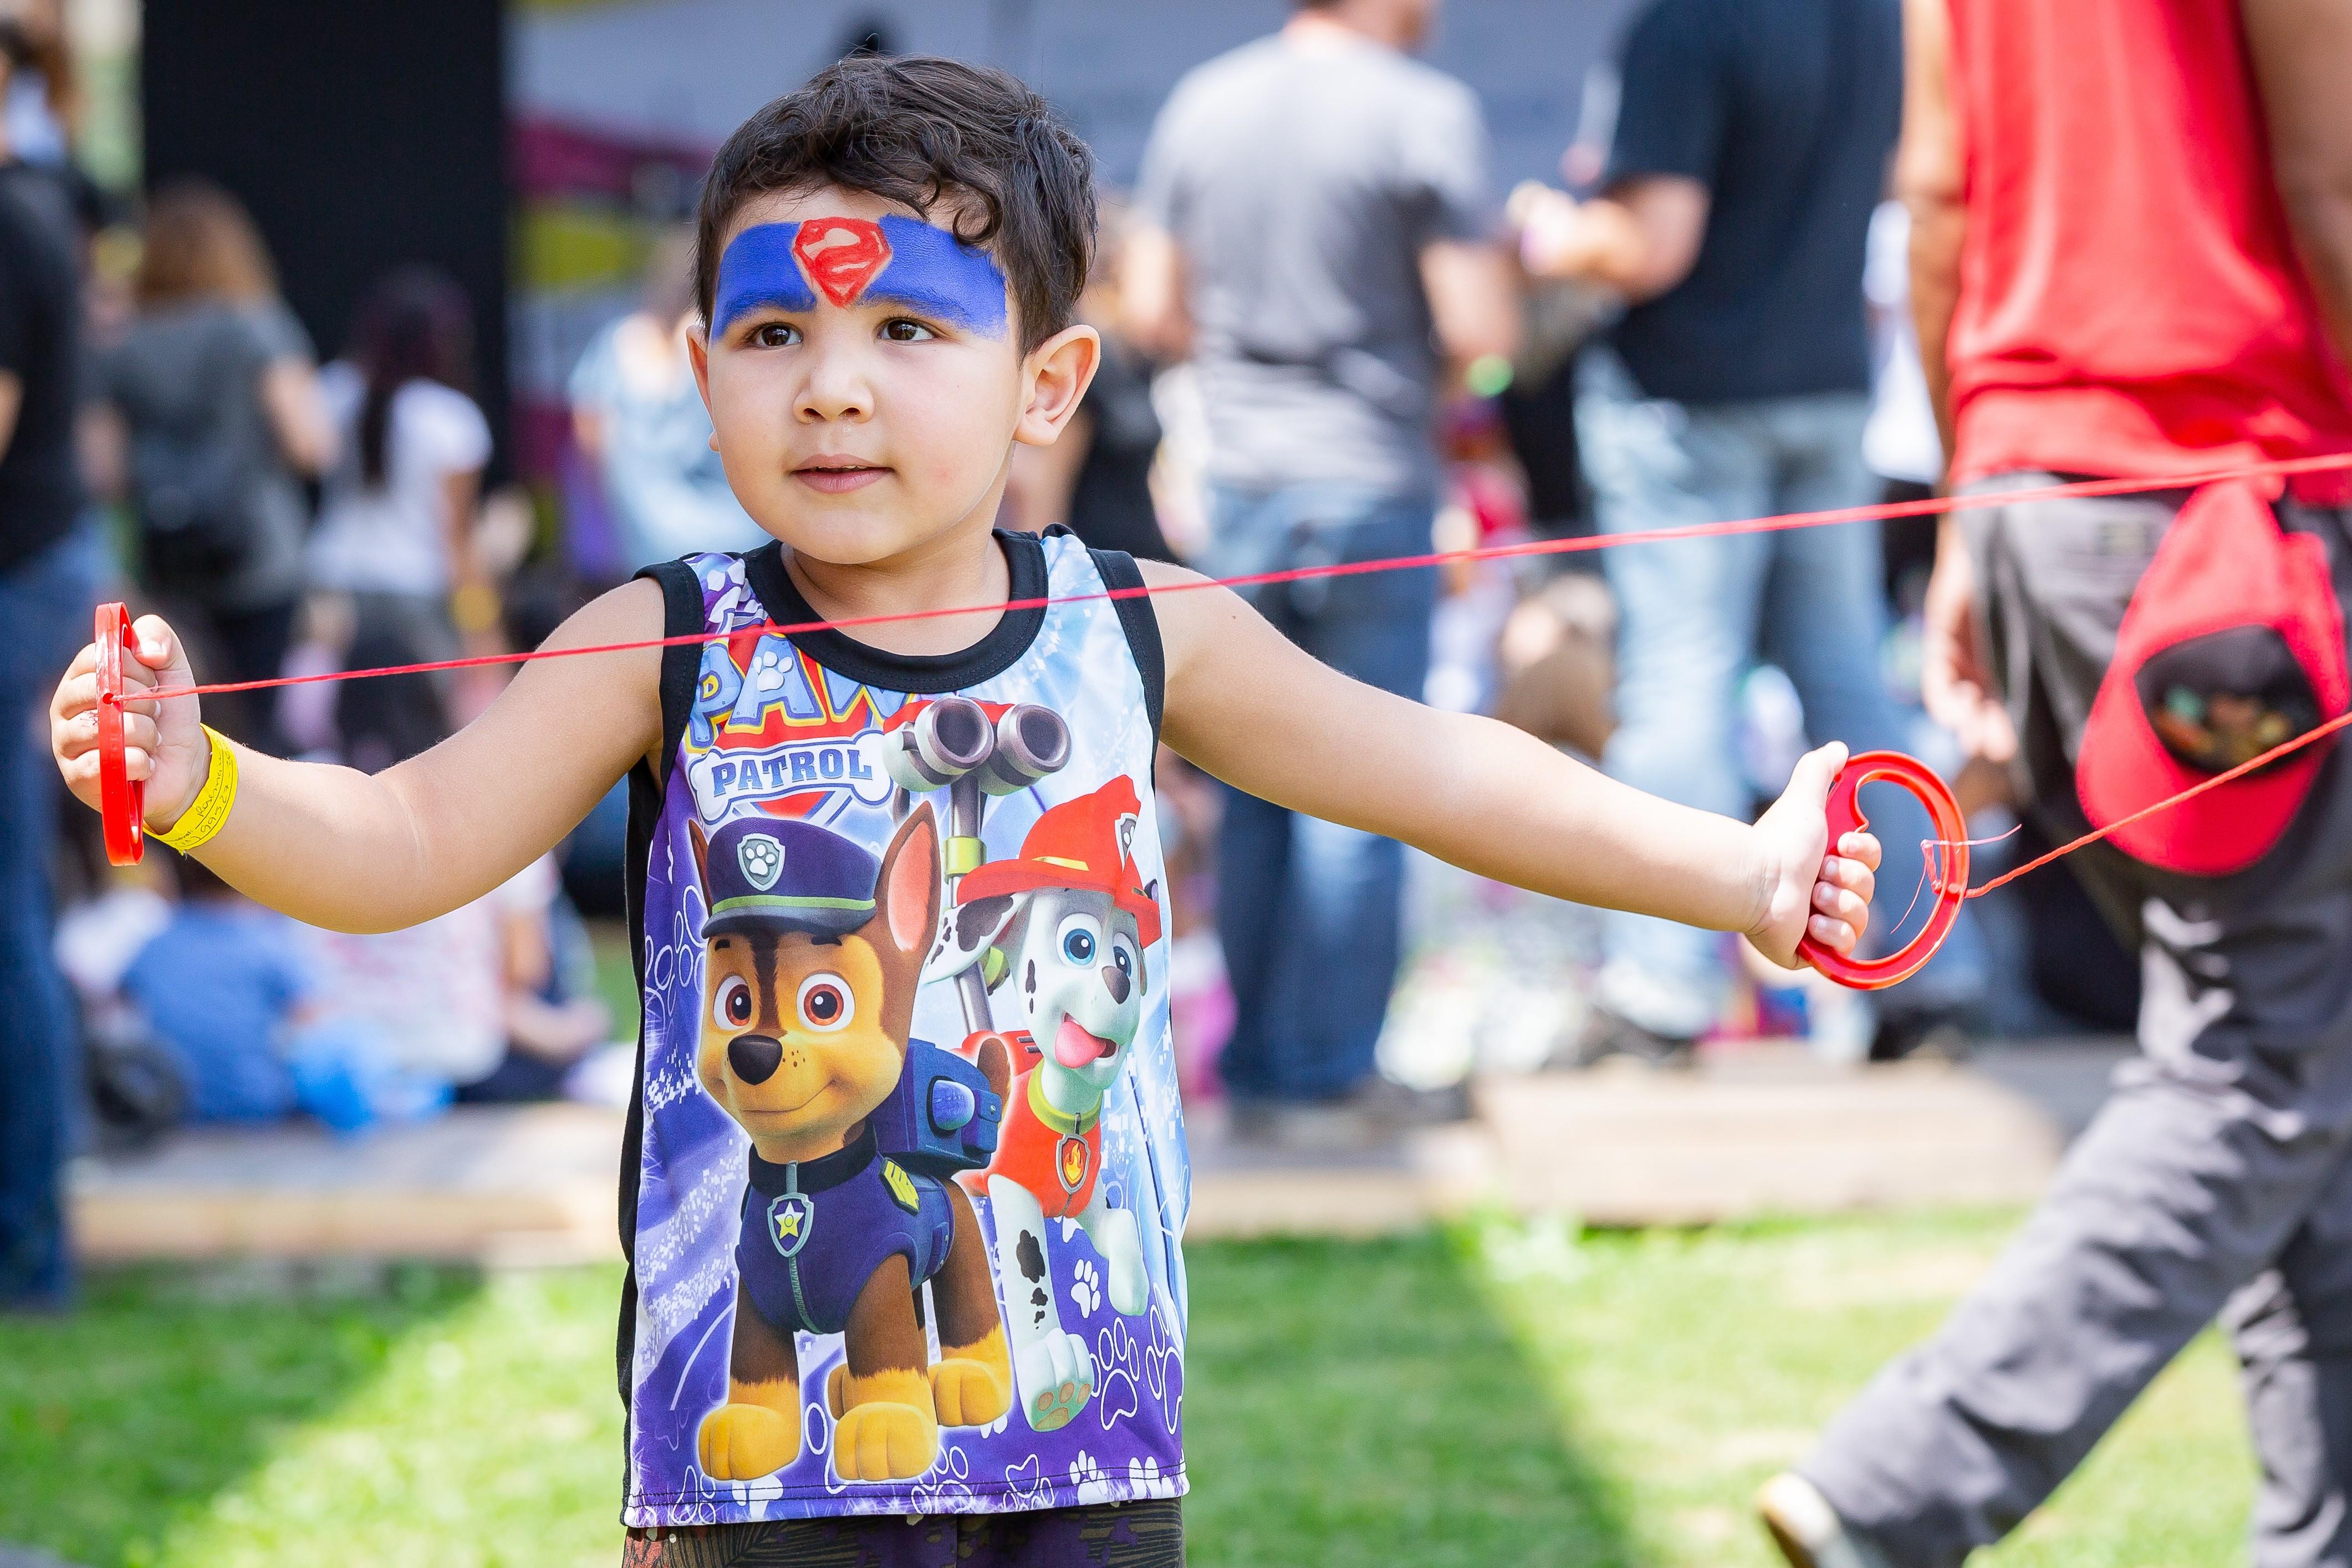 A proposta da Amil era fazer as crianças se movimentarem: brinquedos foram colocados no gramado, convidando a todos para a diversão (Foto: Leonardo Orestes)